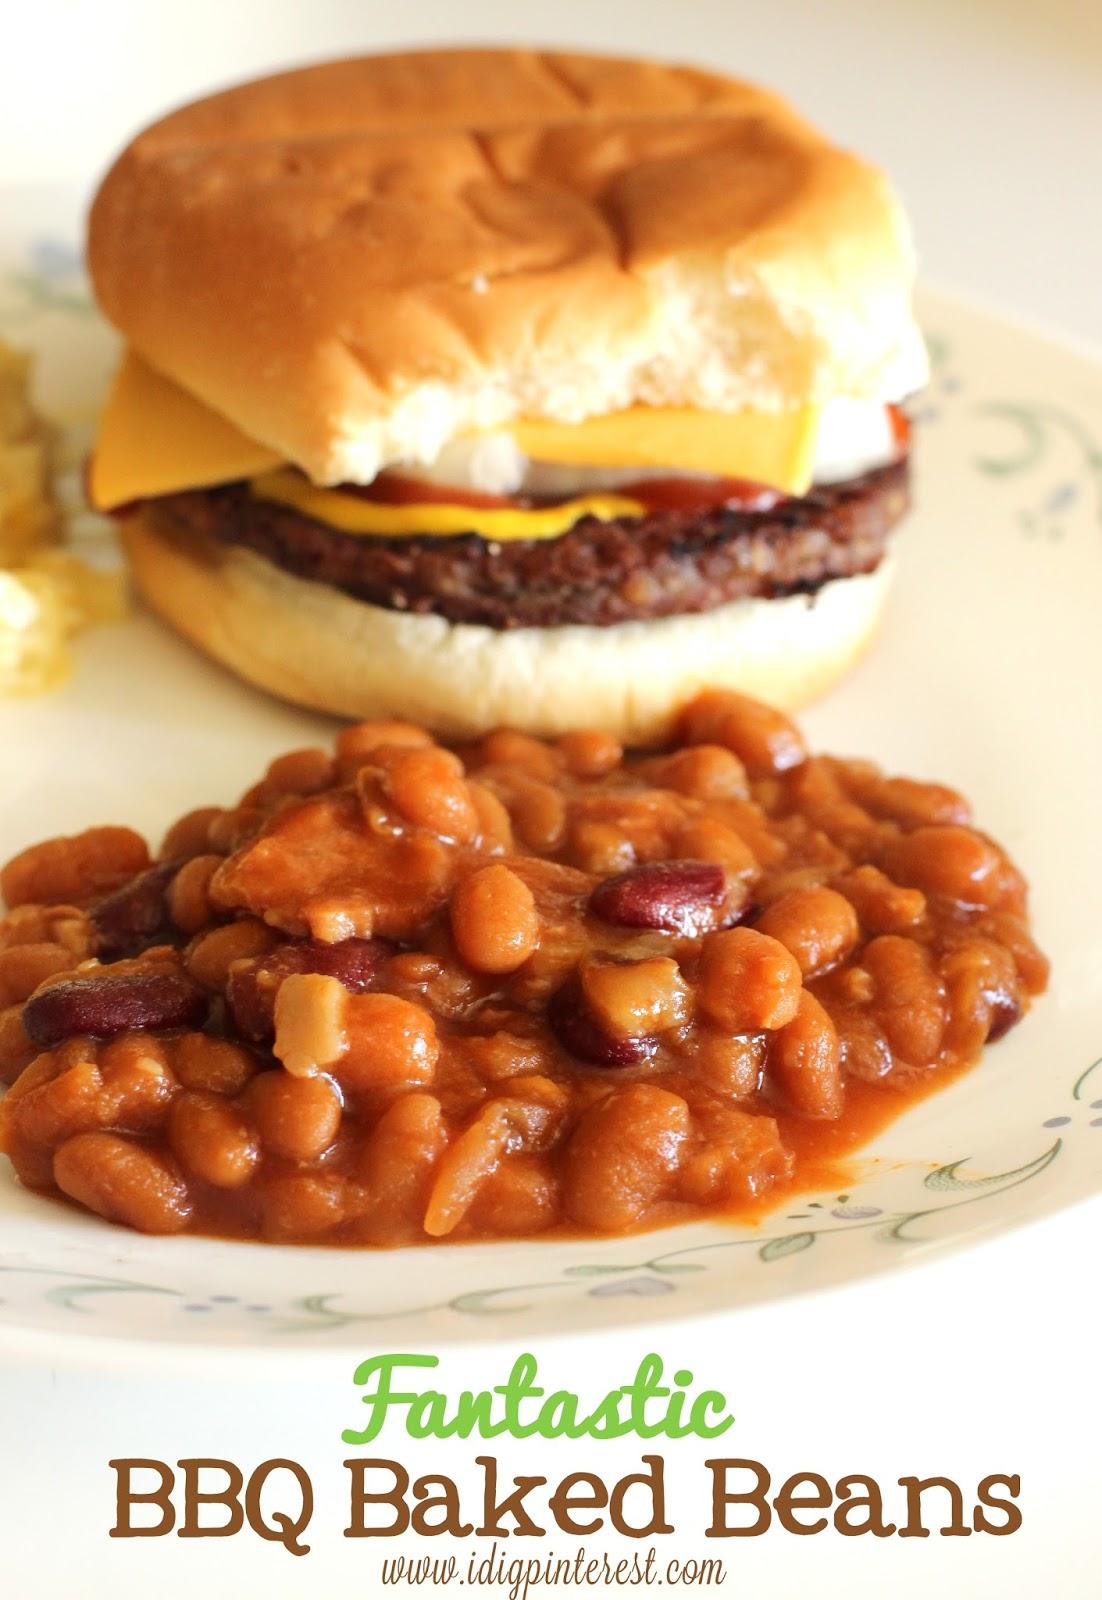 Dig Pinterest: Fantastic BBQ Baked Beans